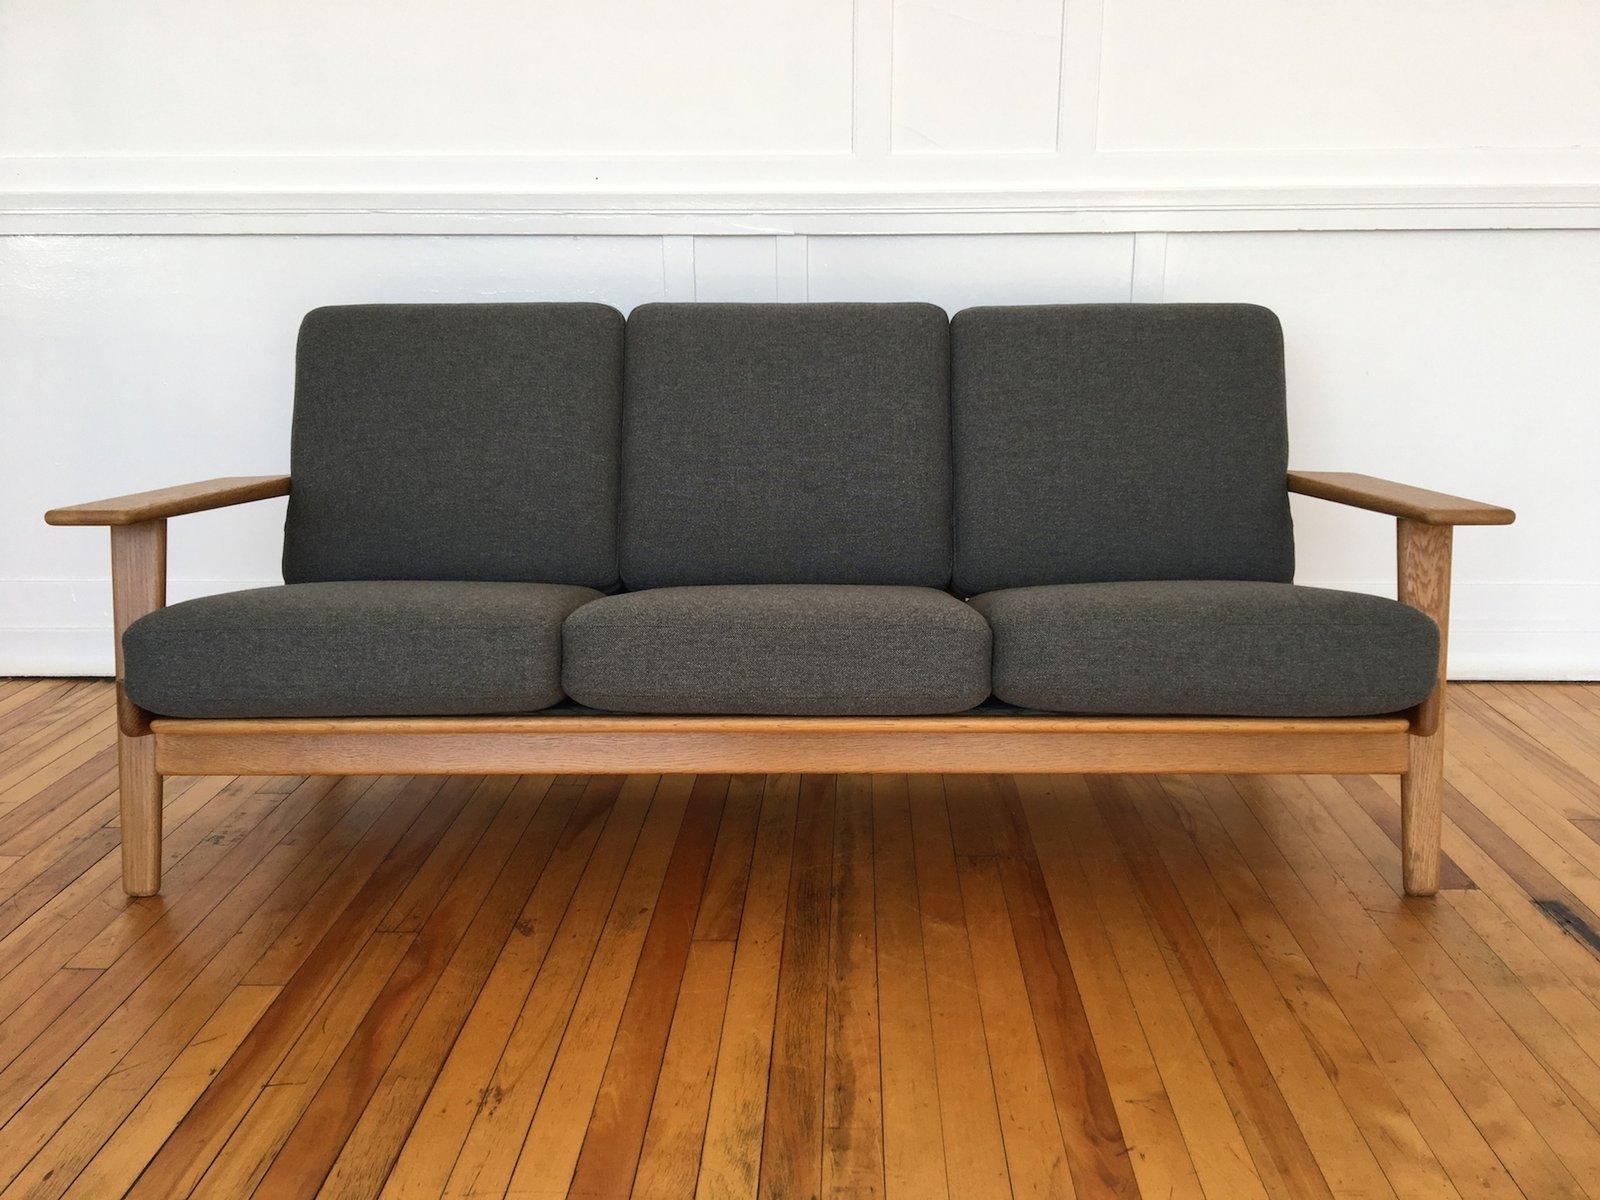 Mid Century Danish Model Ge 290 Oak Plank Sofa In Svensson Wool By Hans Wegner For Getama For